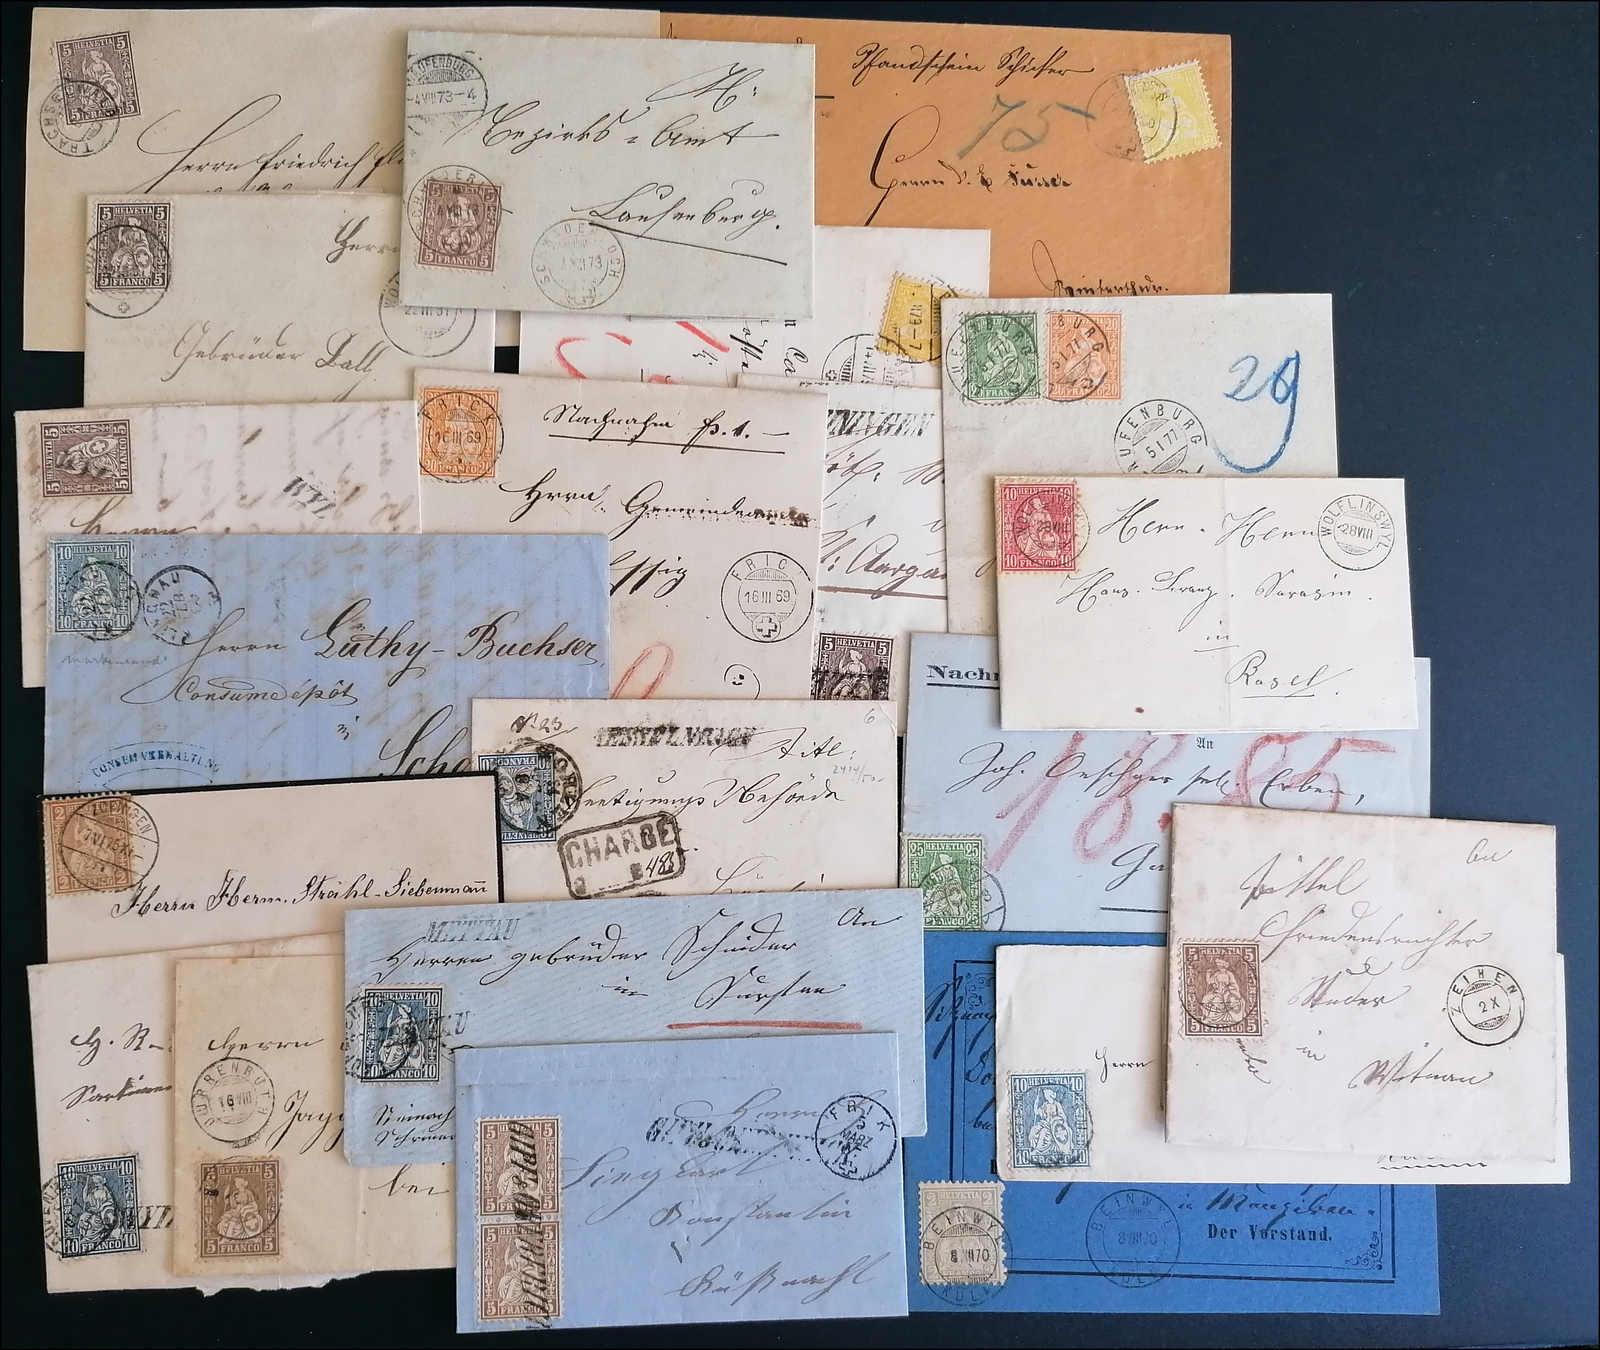 Lot 102 - schweiz Schweiz Sitzende Helvetia gezähnt -  Rolli Auctions Auction #68 Day 1